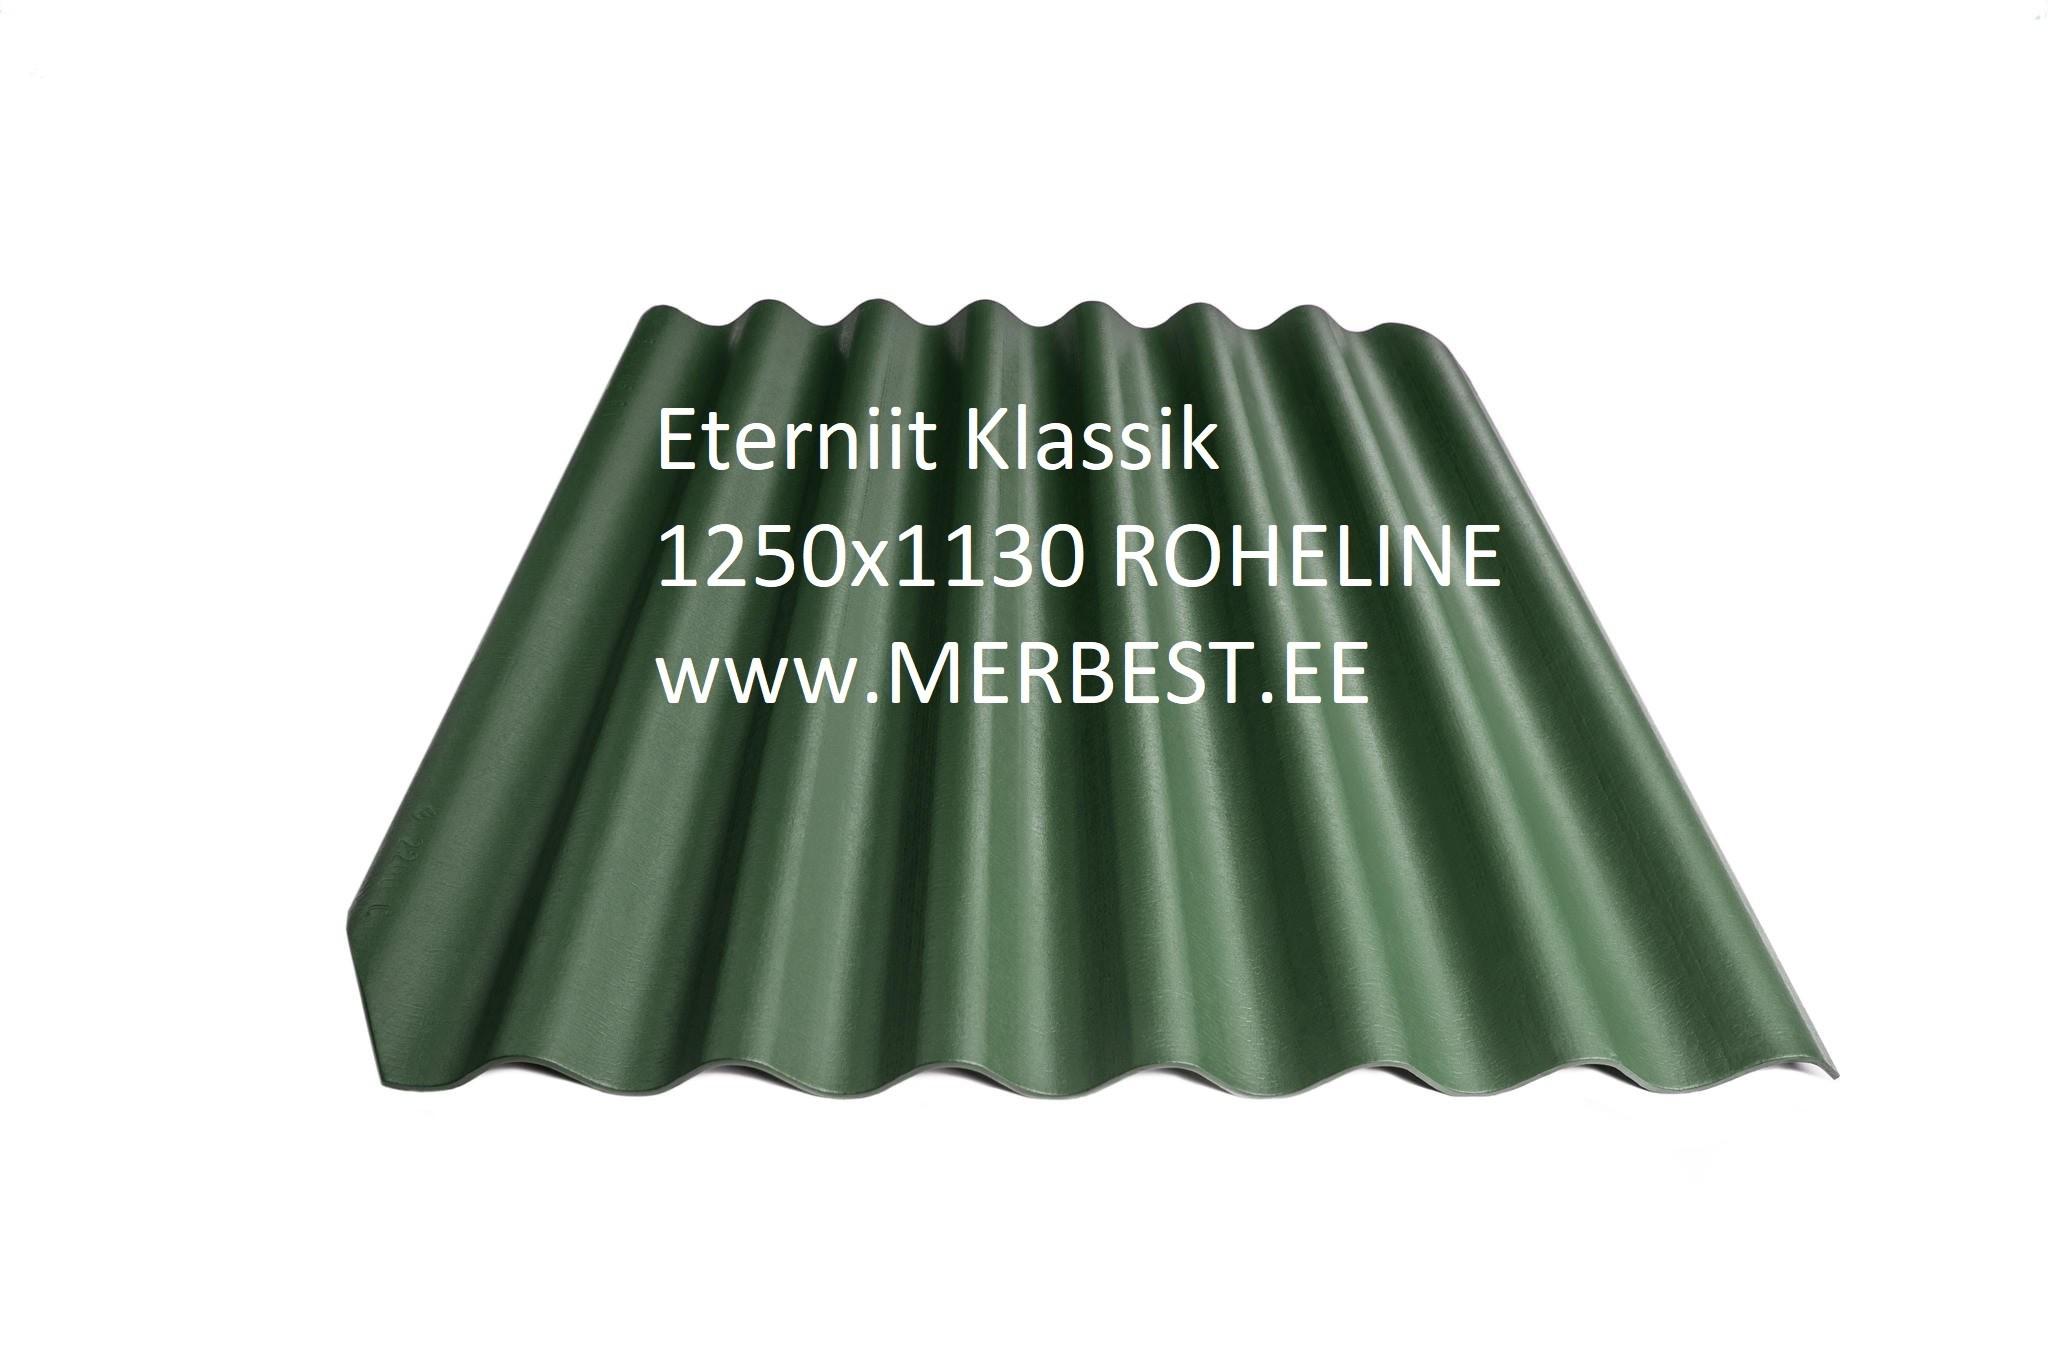 Eternit_Klasika_BL31_large roheline 1250x1130 eterniit, eterniidi müük, katuseplaat, laineplaat, eterniidi vahetus, katusetööd, merbest oü